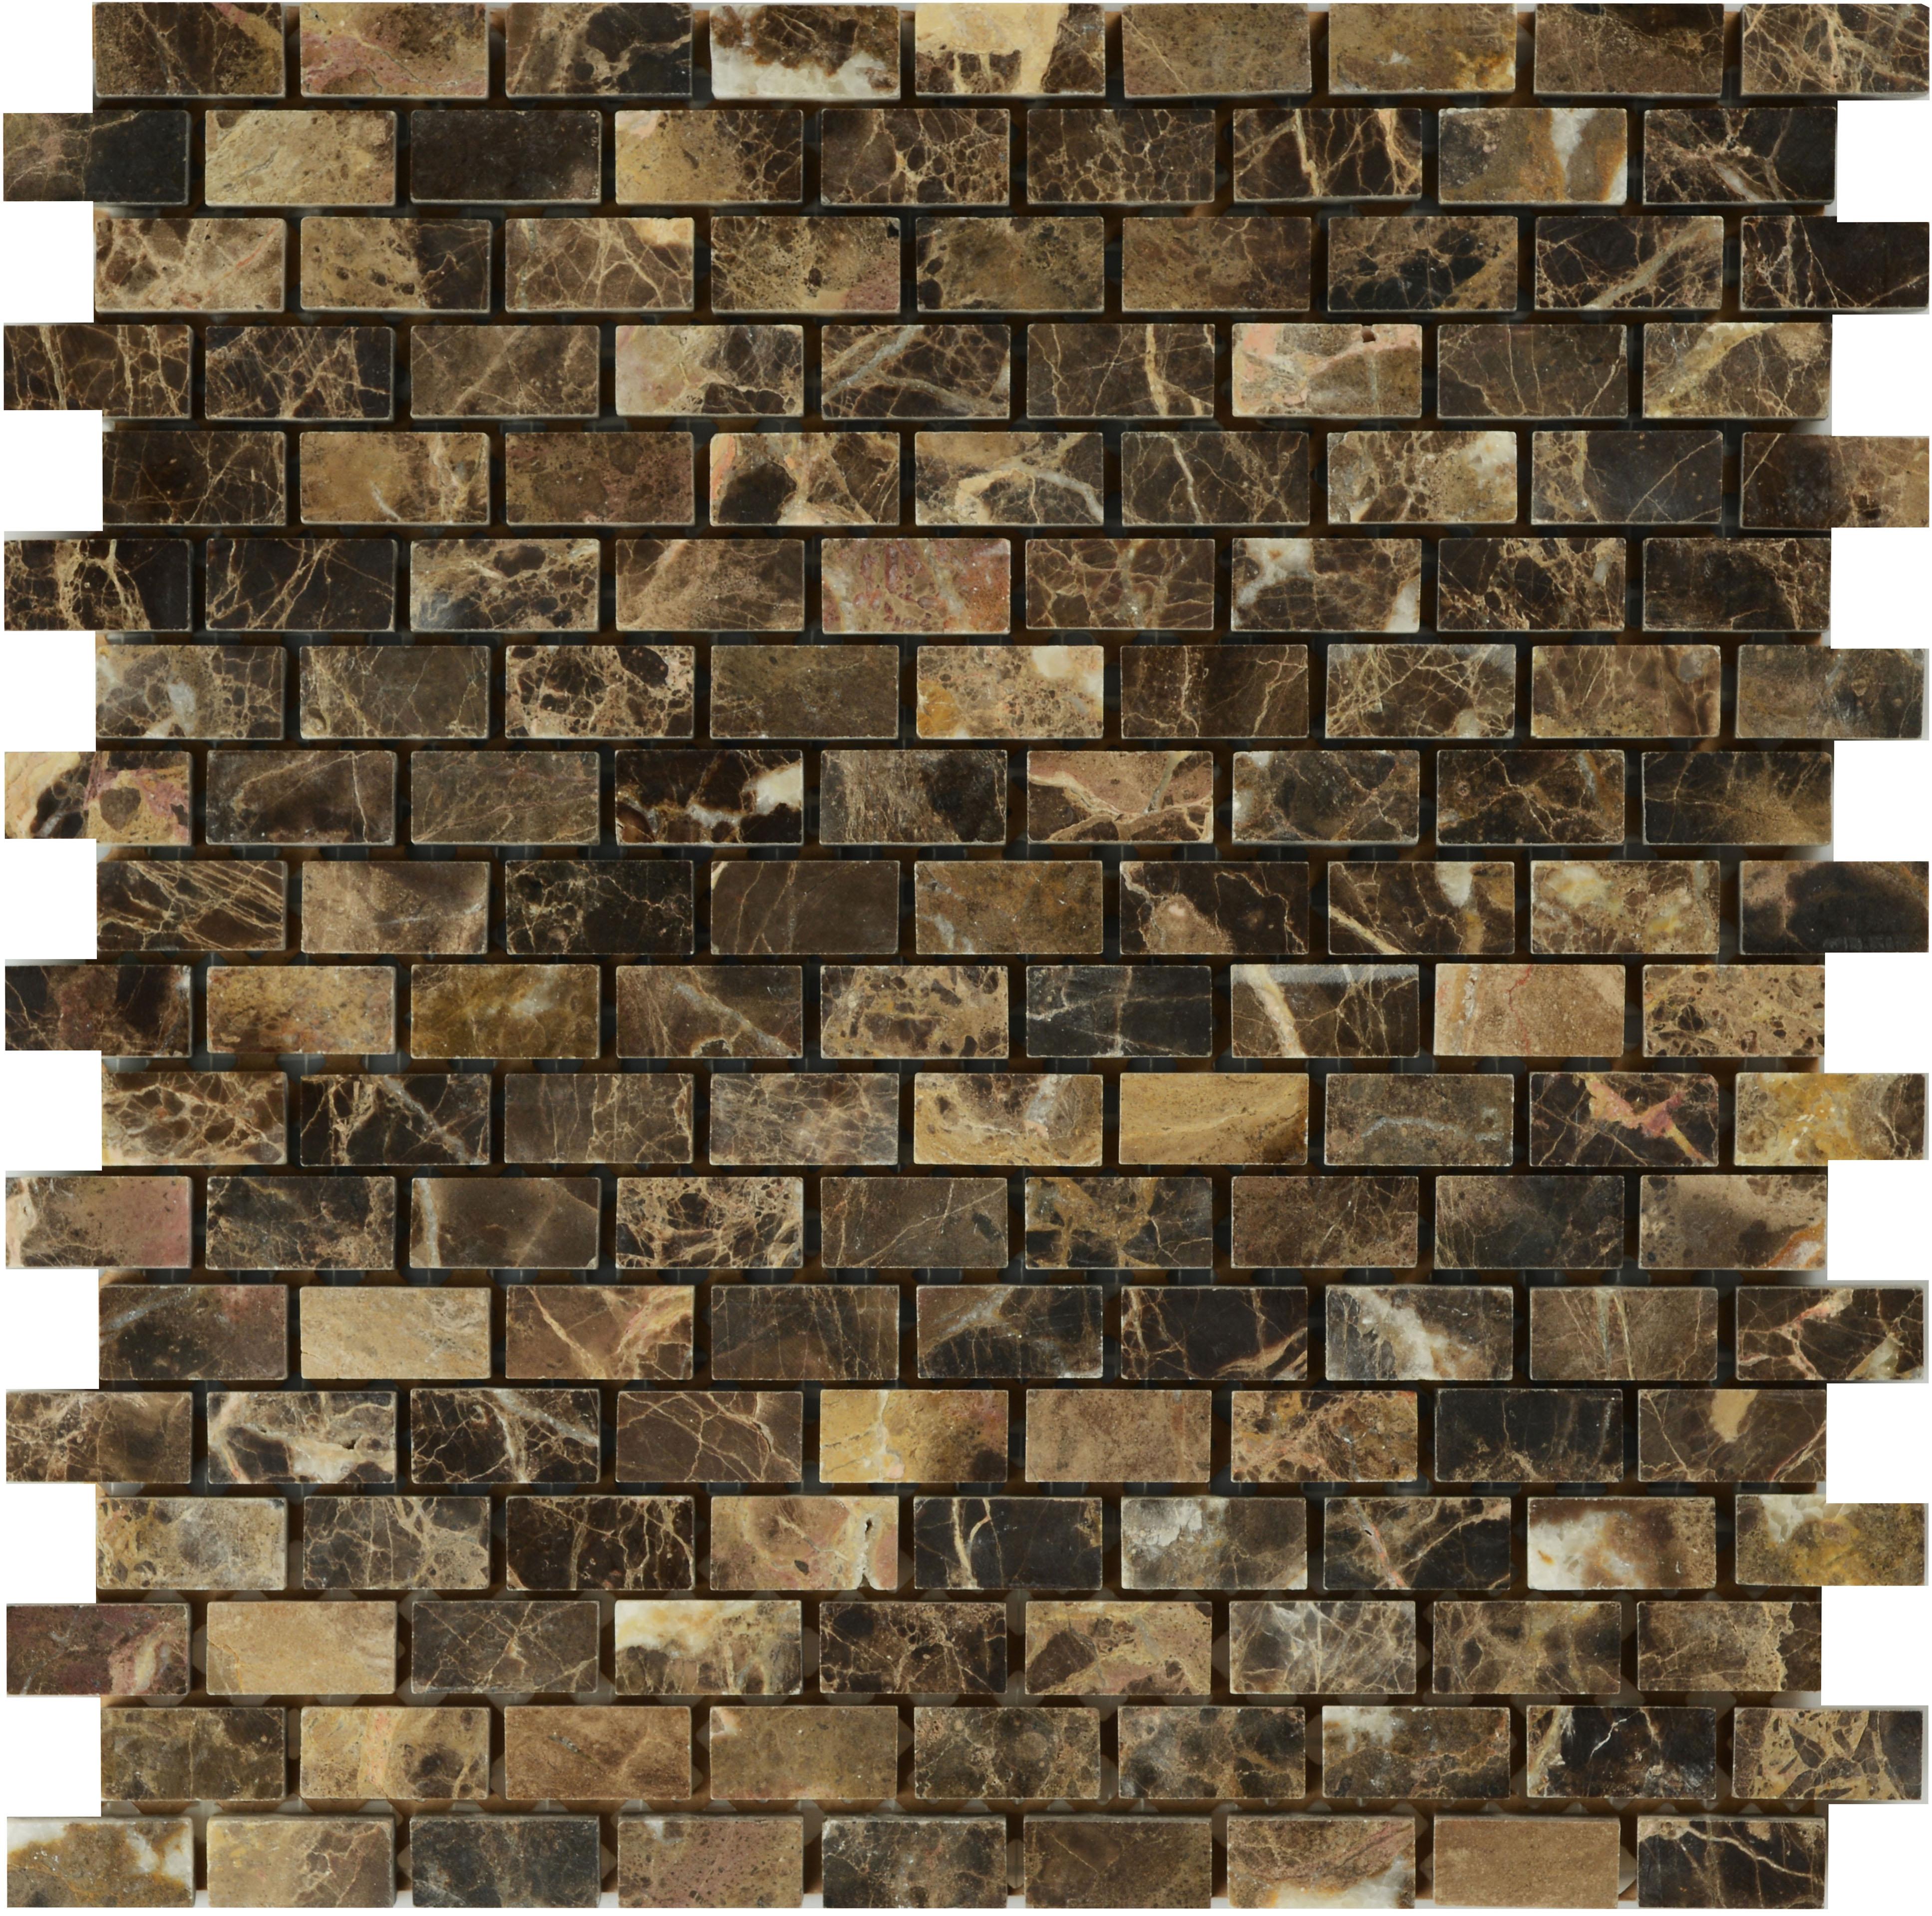 Мозаика MN174SLBS Primacolore 15х30/300х300 - 1.35 мозаика mn174smc primacolore 48х48 300х300 0 99